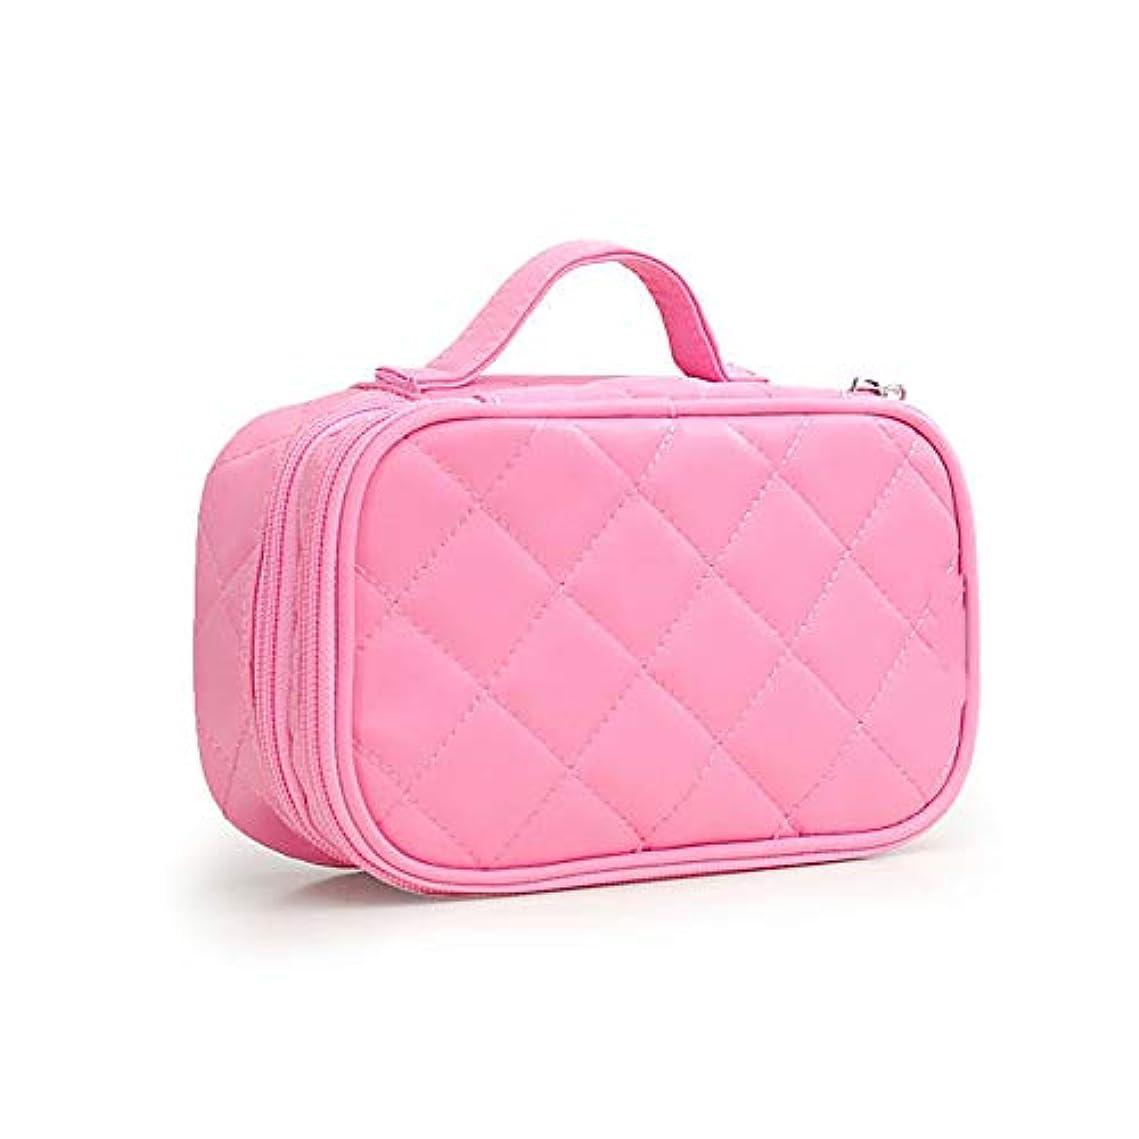 寛容なミニかみそり化粧オーガナイザーバッグ 女性の化粧品バッグのポータブル韓国語バージョン創造的な ナイロン防水洗浄バッグ。 化粧品ケース (色 : ピンク)